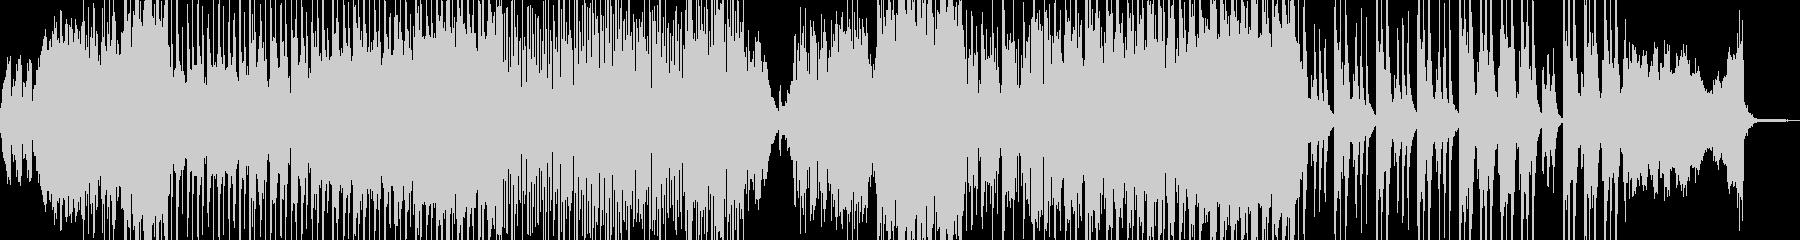 ホラー・怪談シーンに適したBGM 長尺の未再生の波形